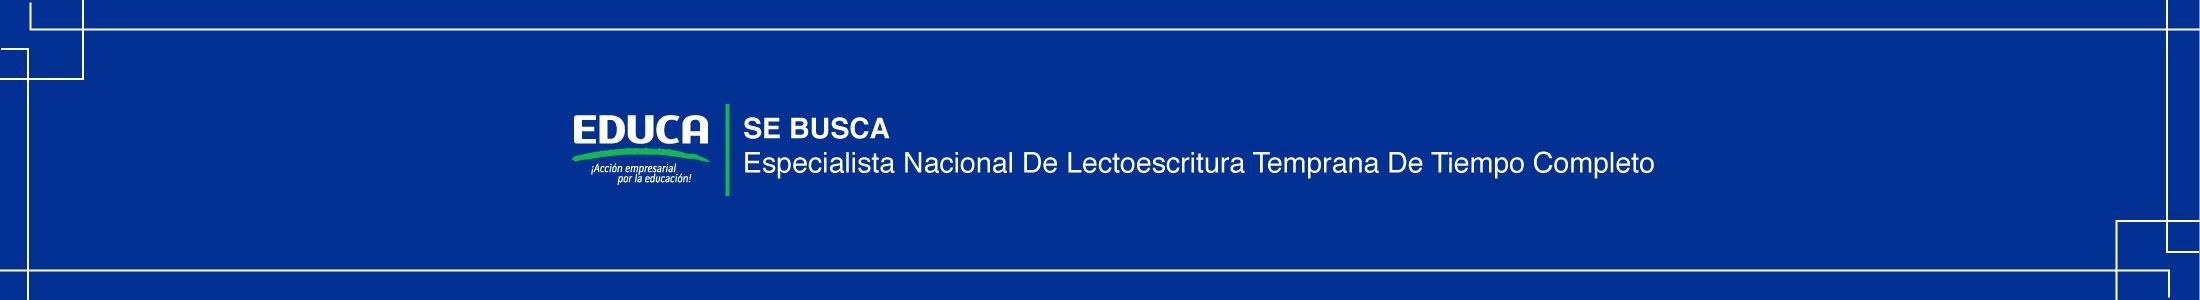 Educa_busca3